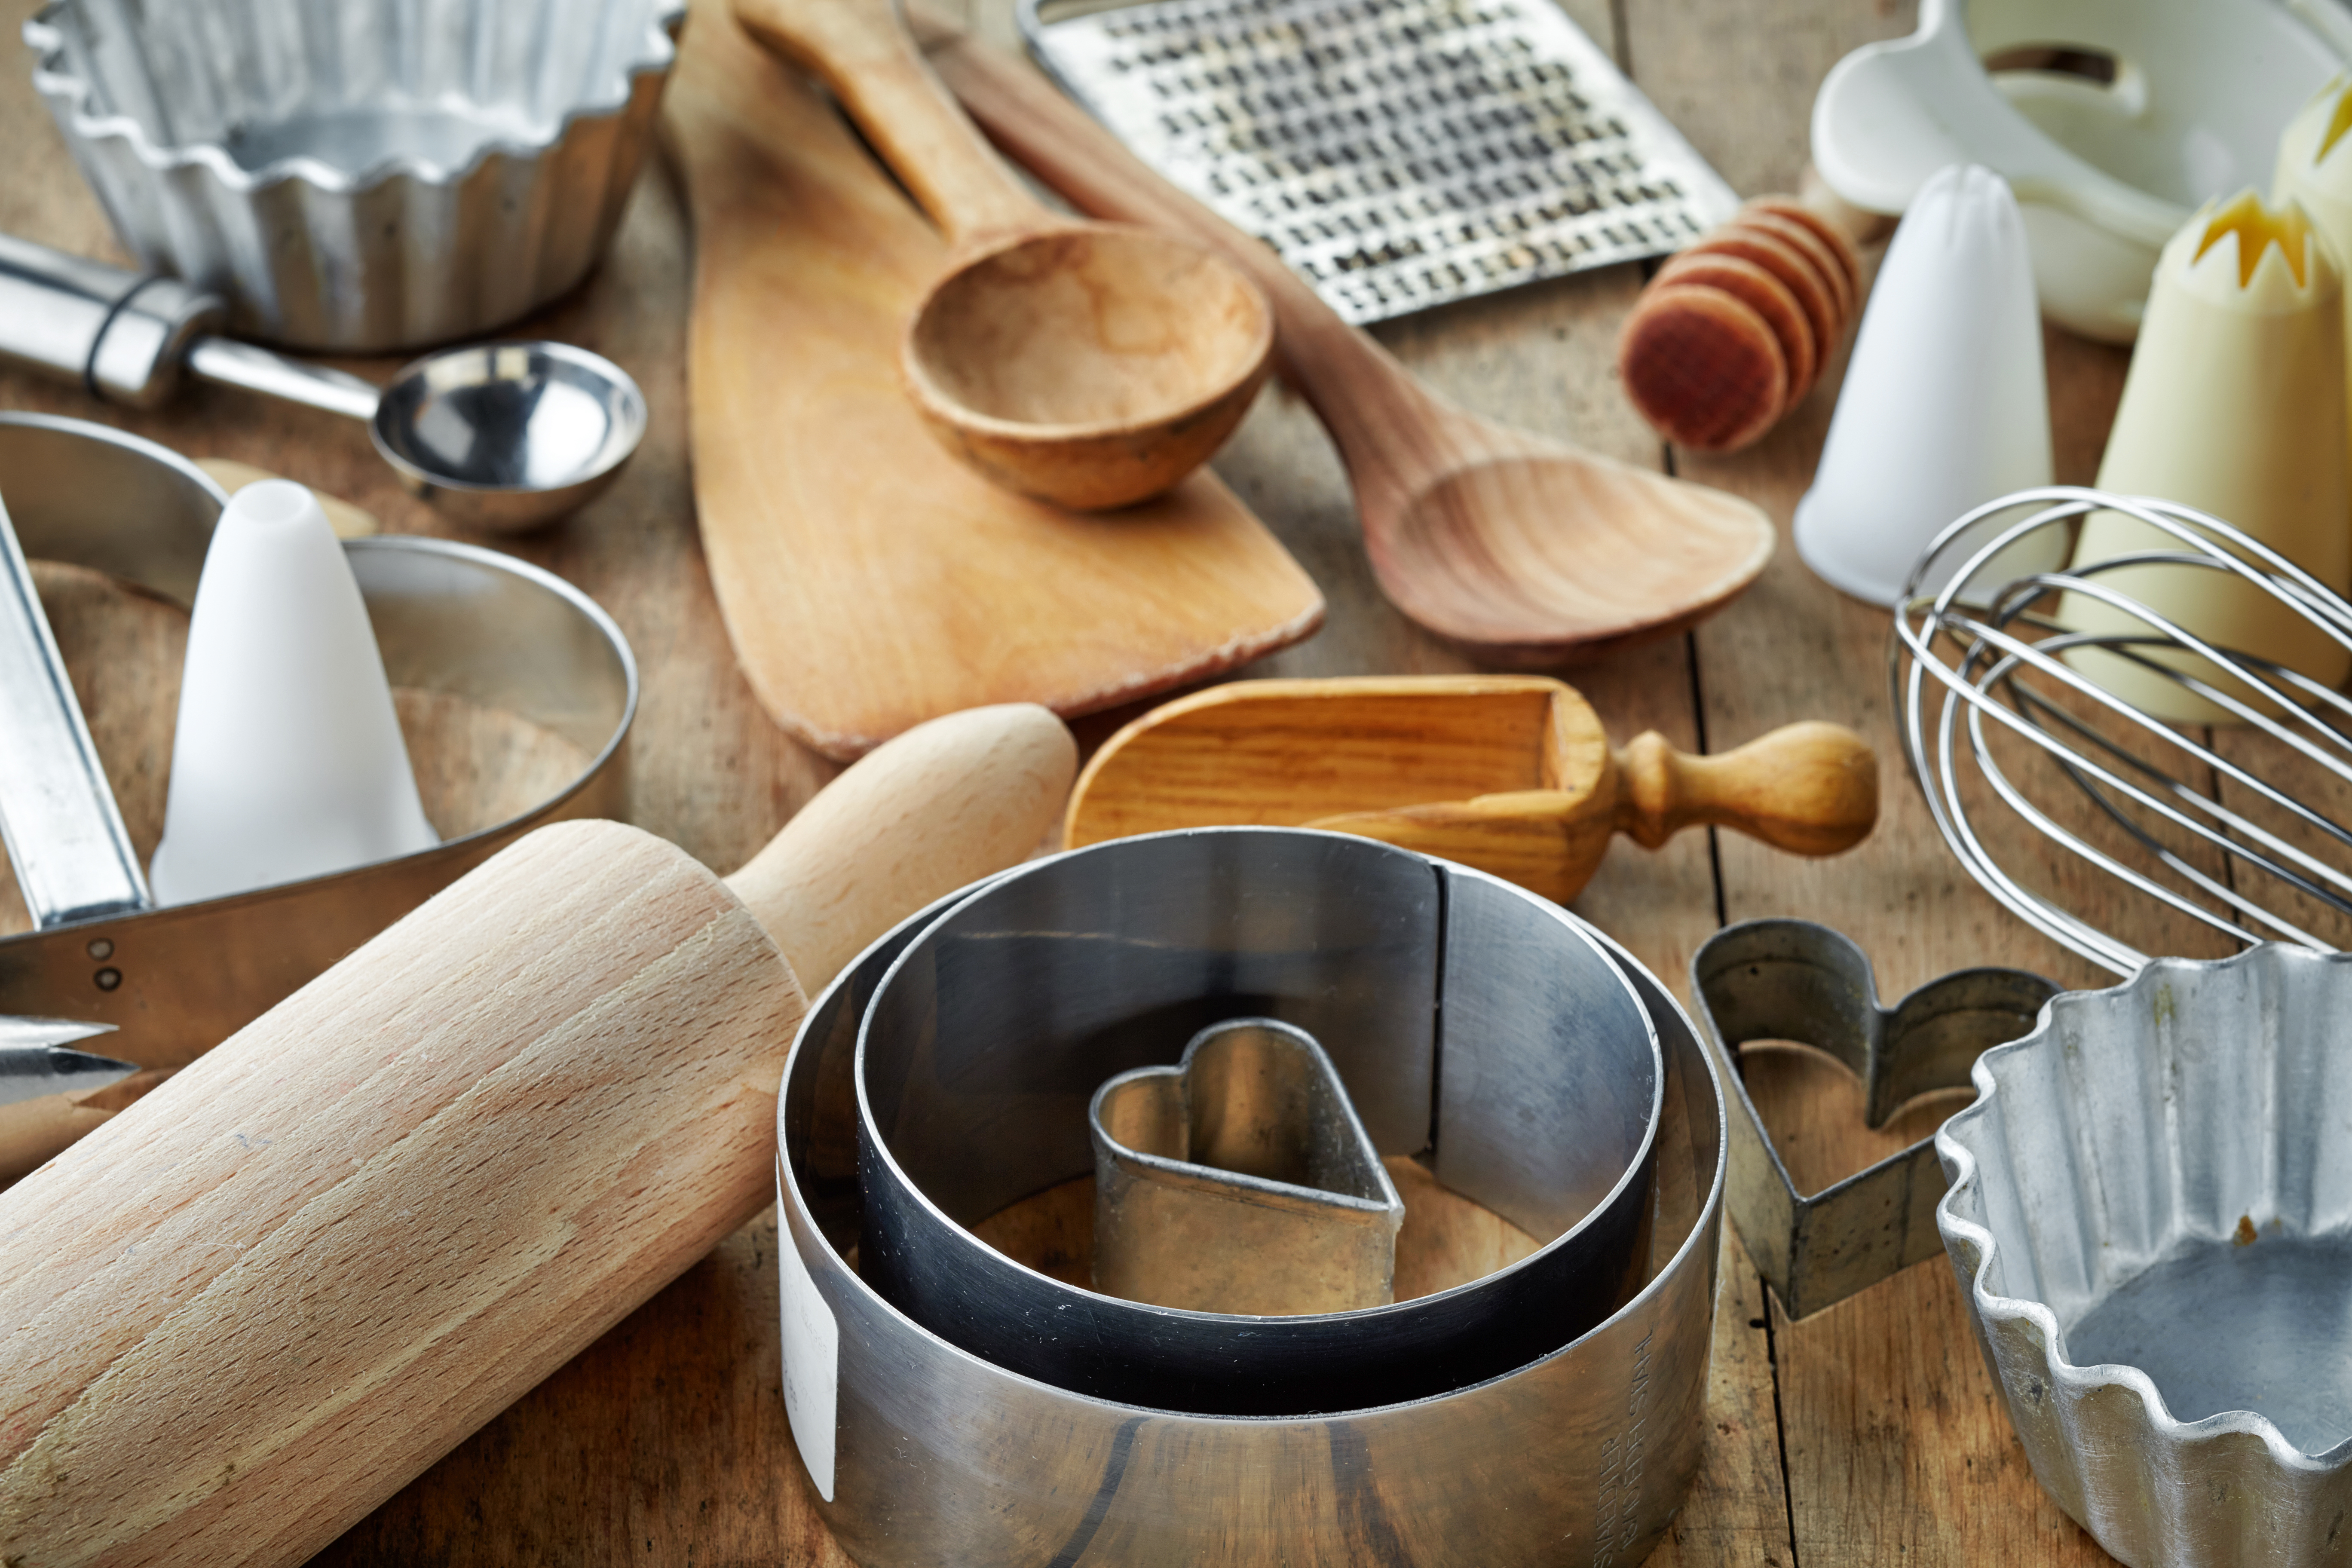 Types of Kitchen Equipment   Hunker